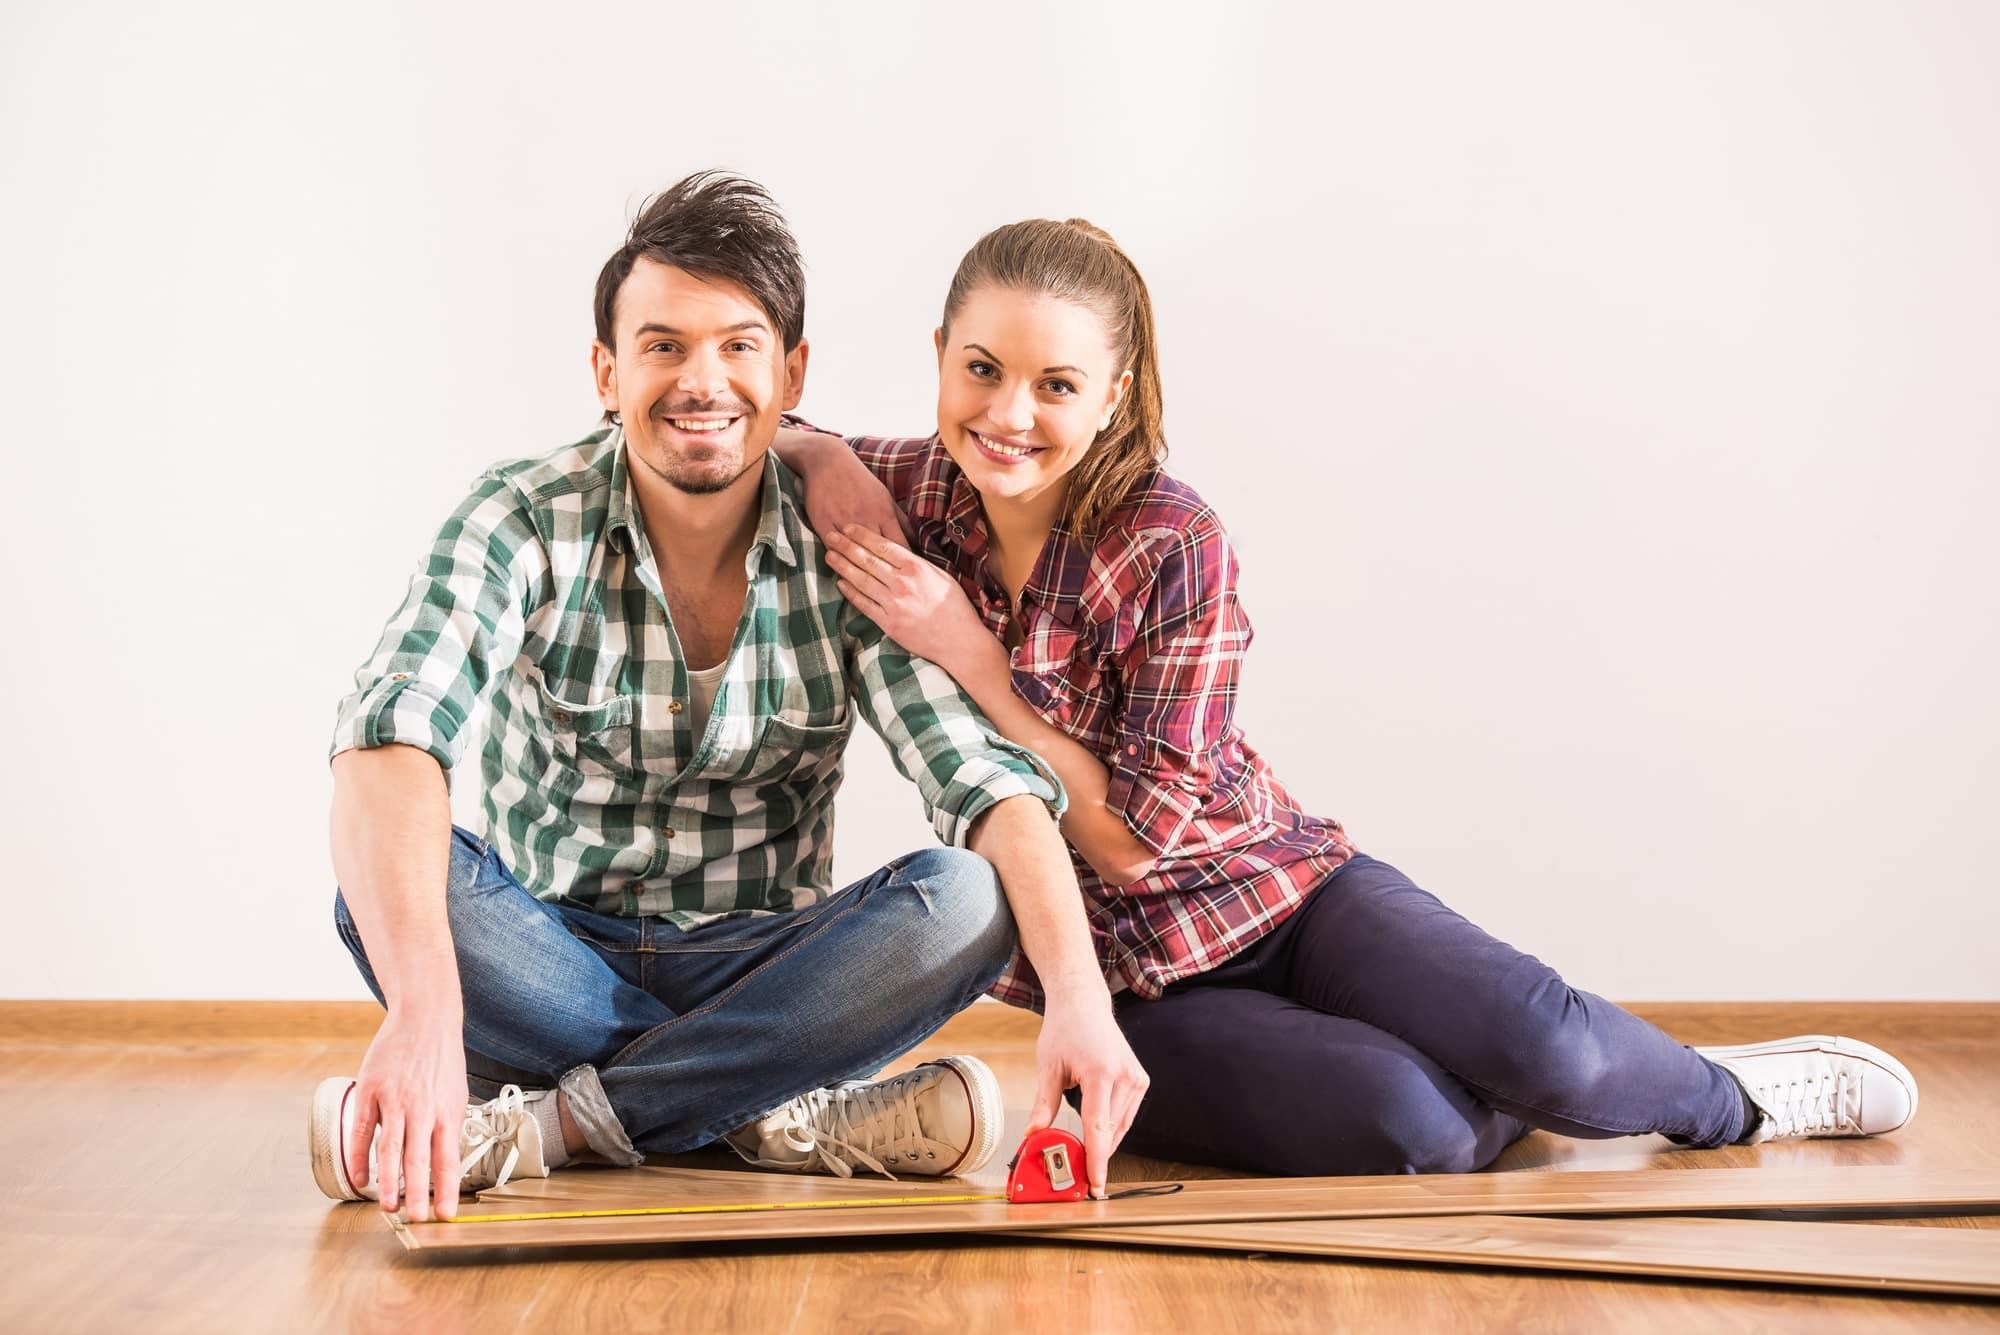 Dlaczego warto zrobić remont mieszkania zimą? 1